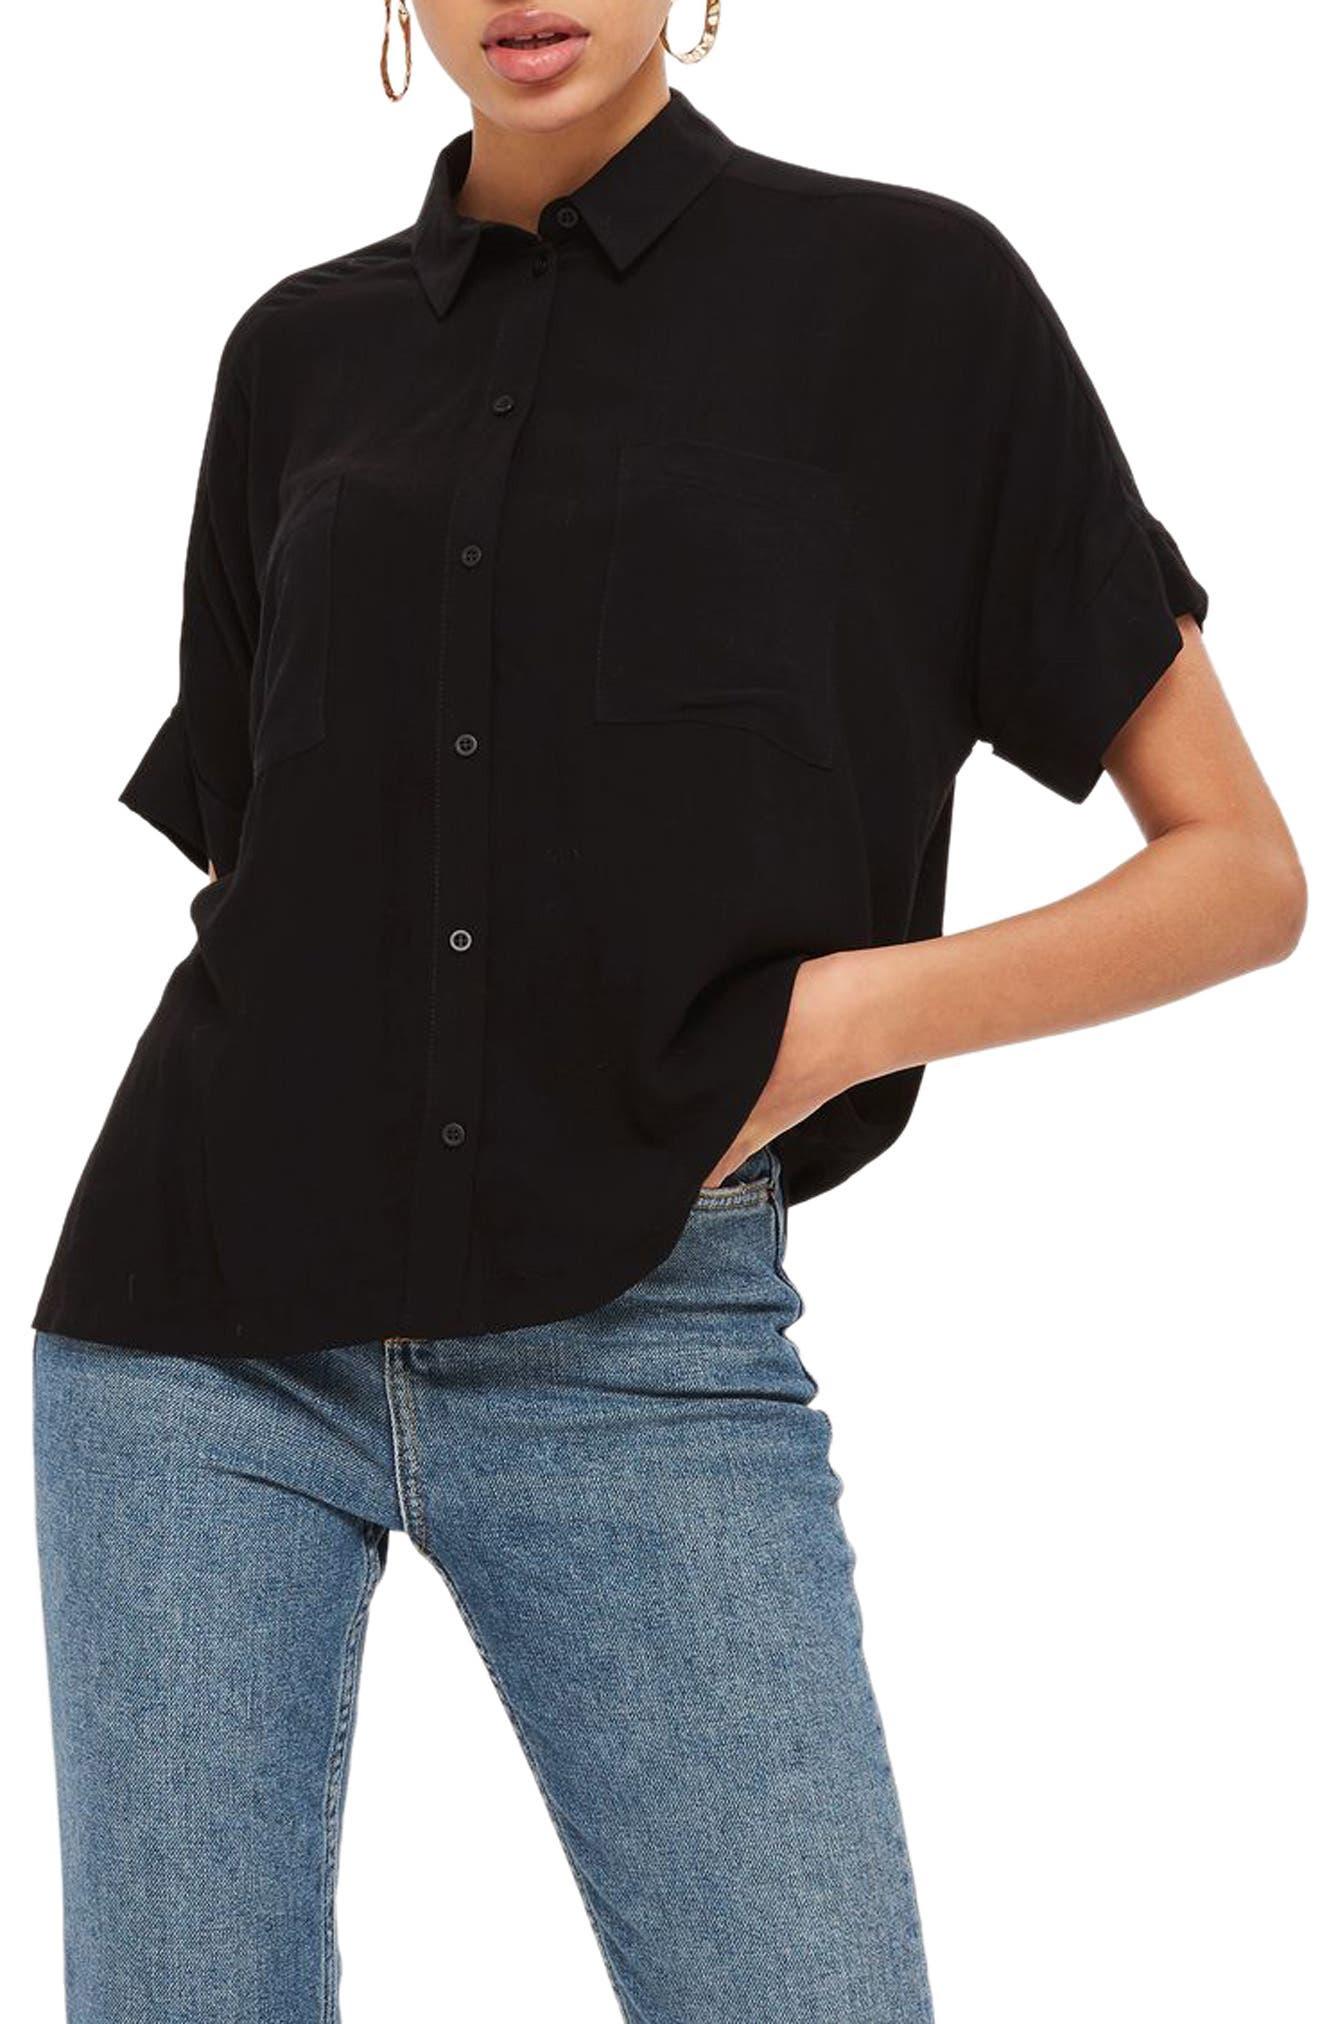 Joey Shirt,                             Main thumbnail 1, color,                             Black